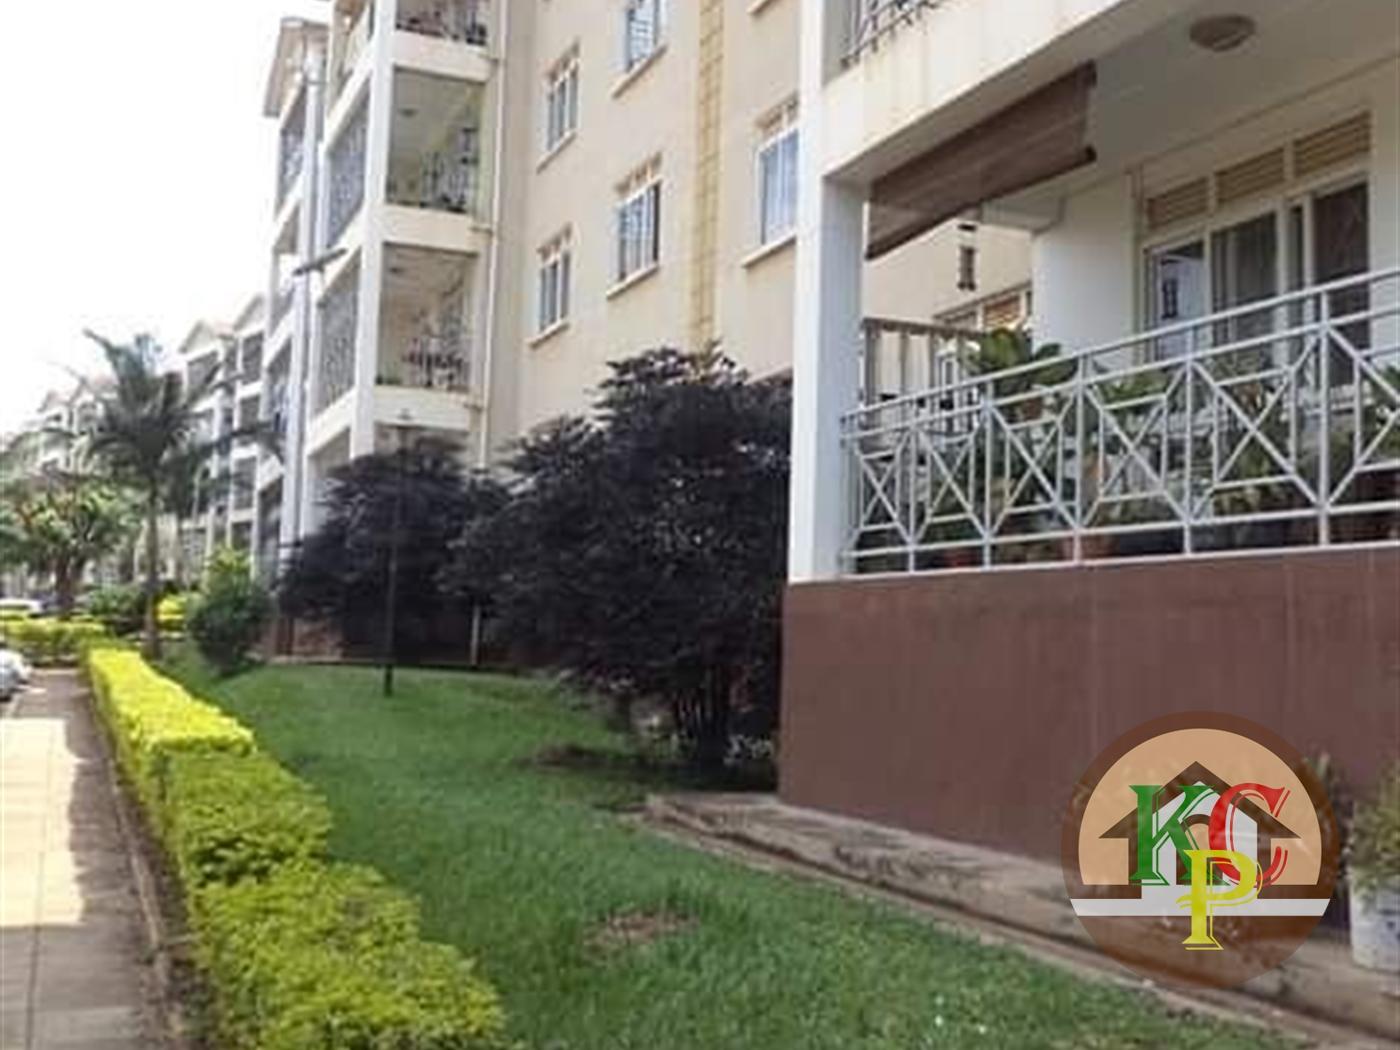 Apartment for rent in Kiwaatule Kampala